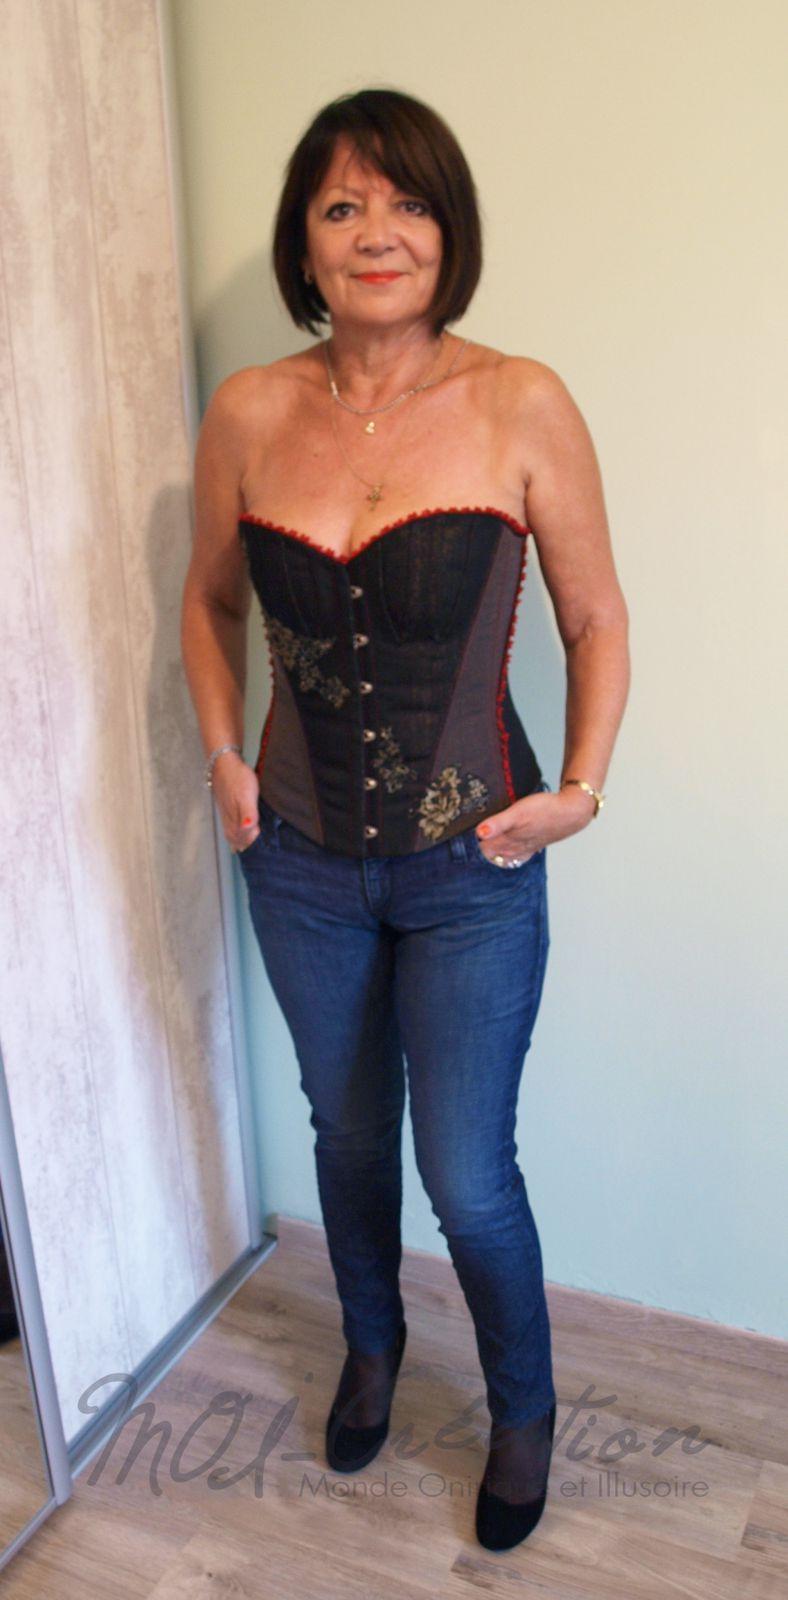 Corsets le blog de moi creation - Porter un corset tous les jours ...